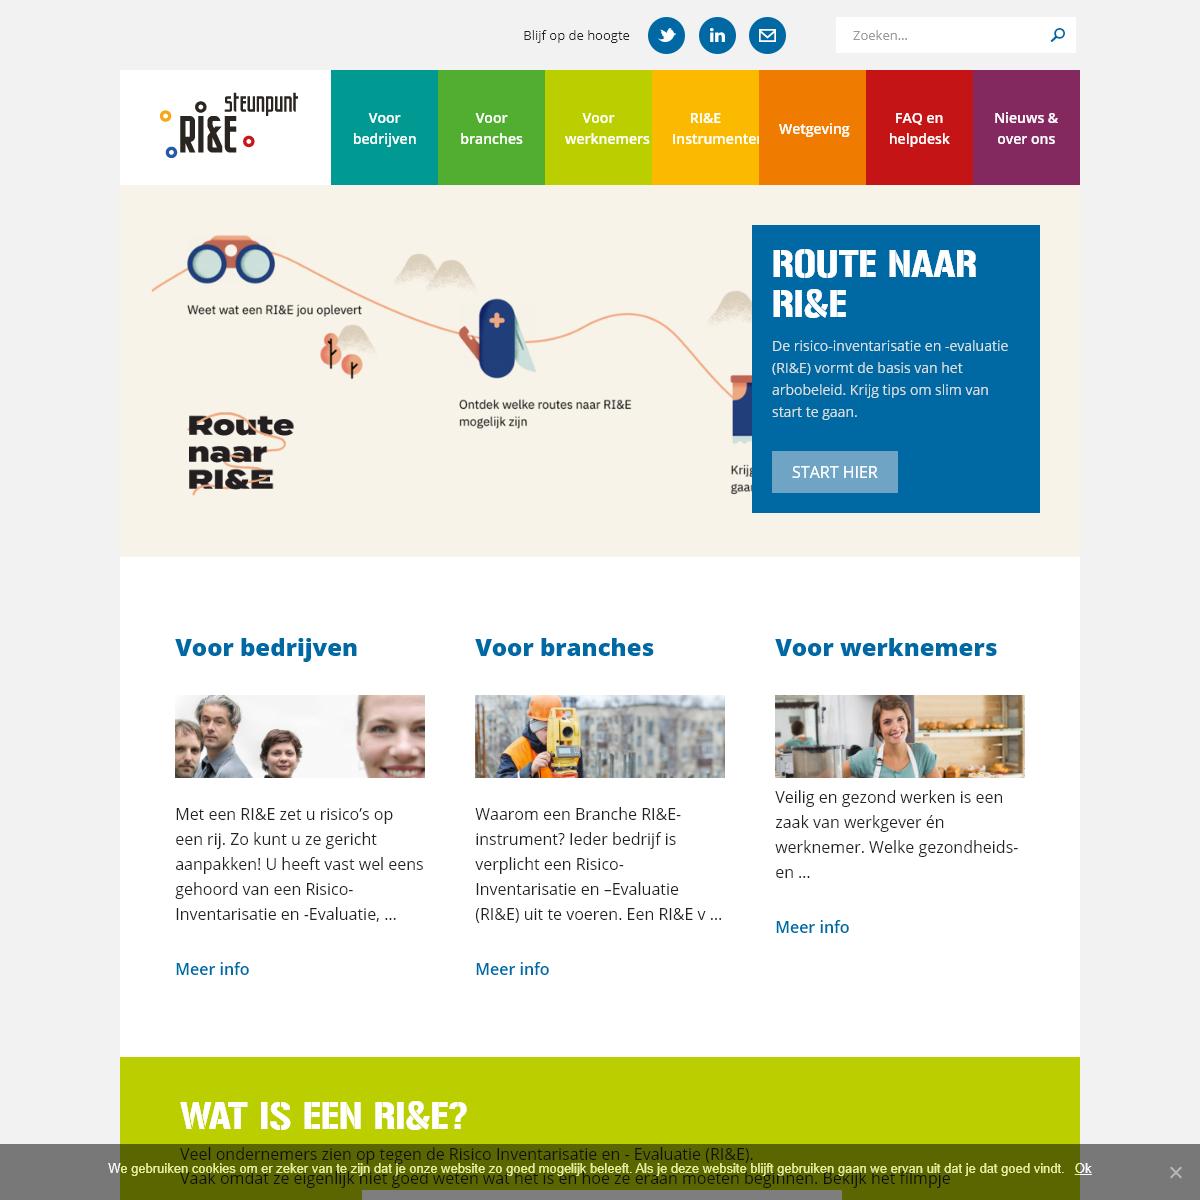 homepage - RI&E